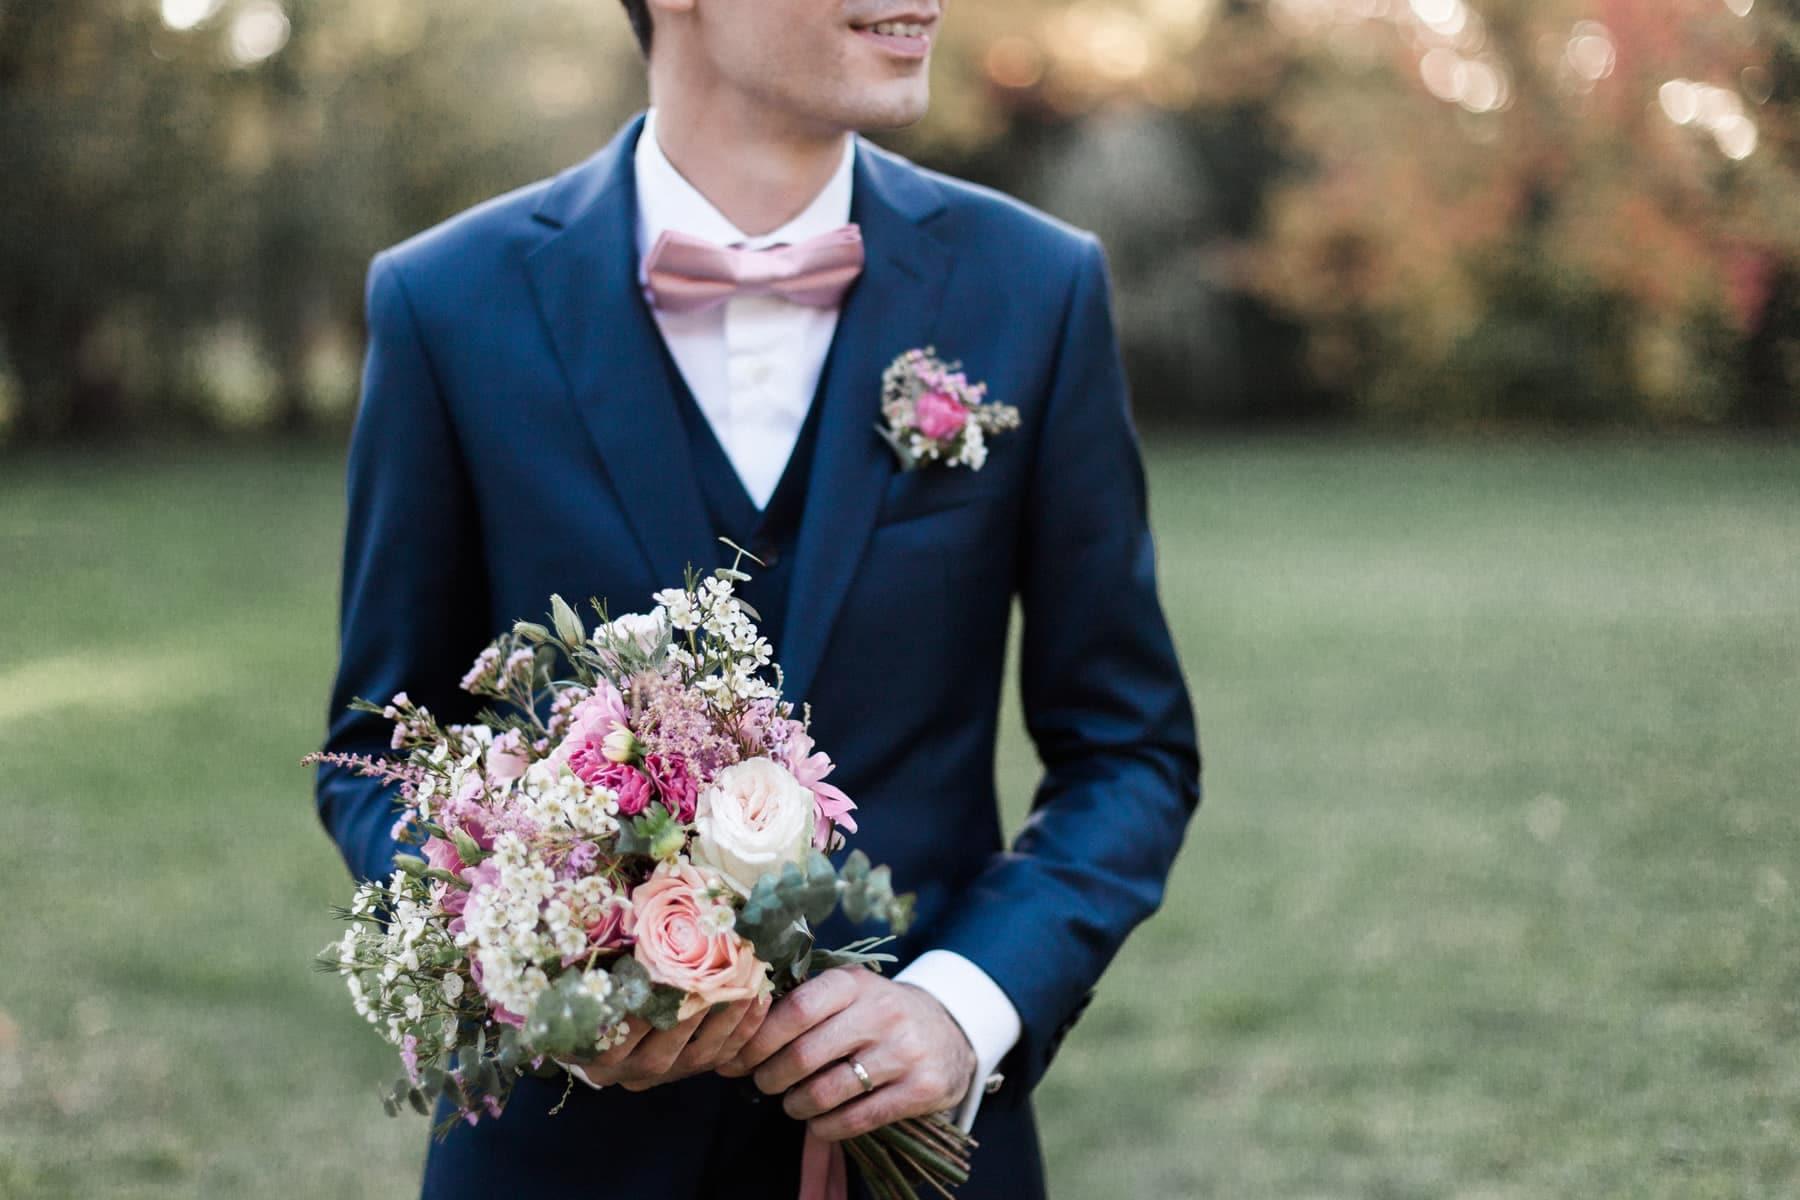 Mariage franco russe : portrait serré du bouquet de mariée rose blush signé Avril-Mai dans les mains du marié